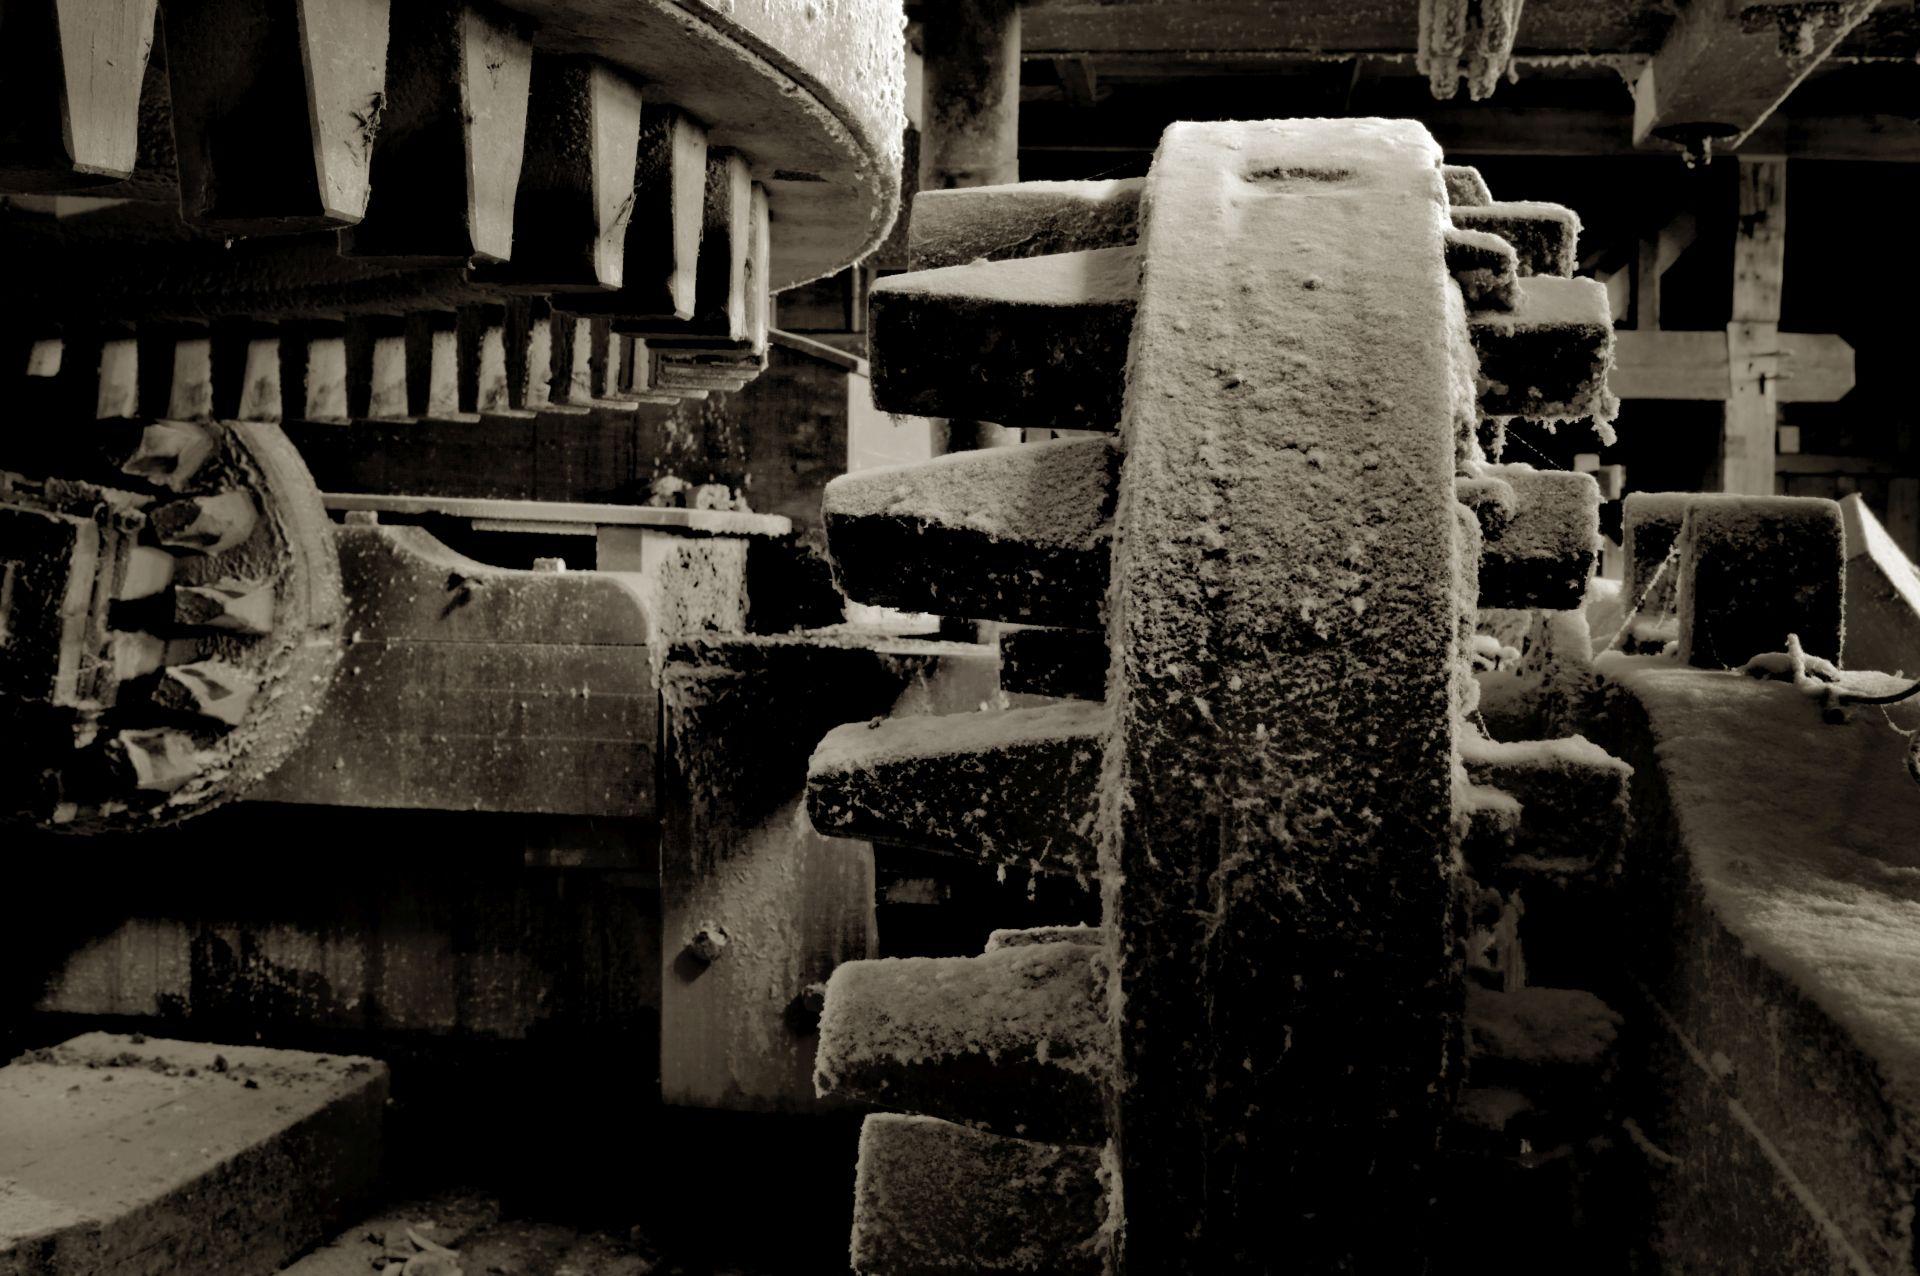 L De Stad Interieurs papiermolen (3)